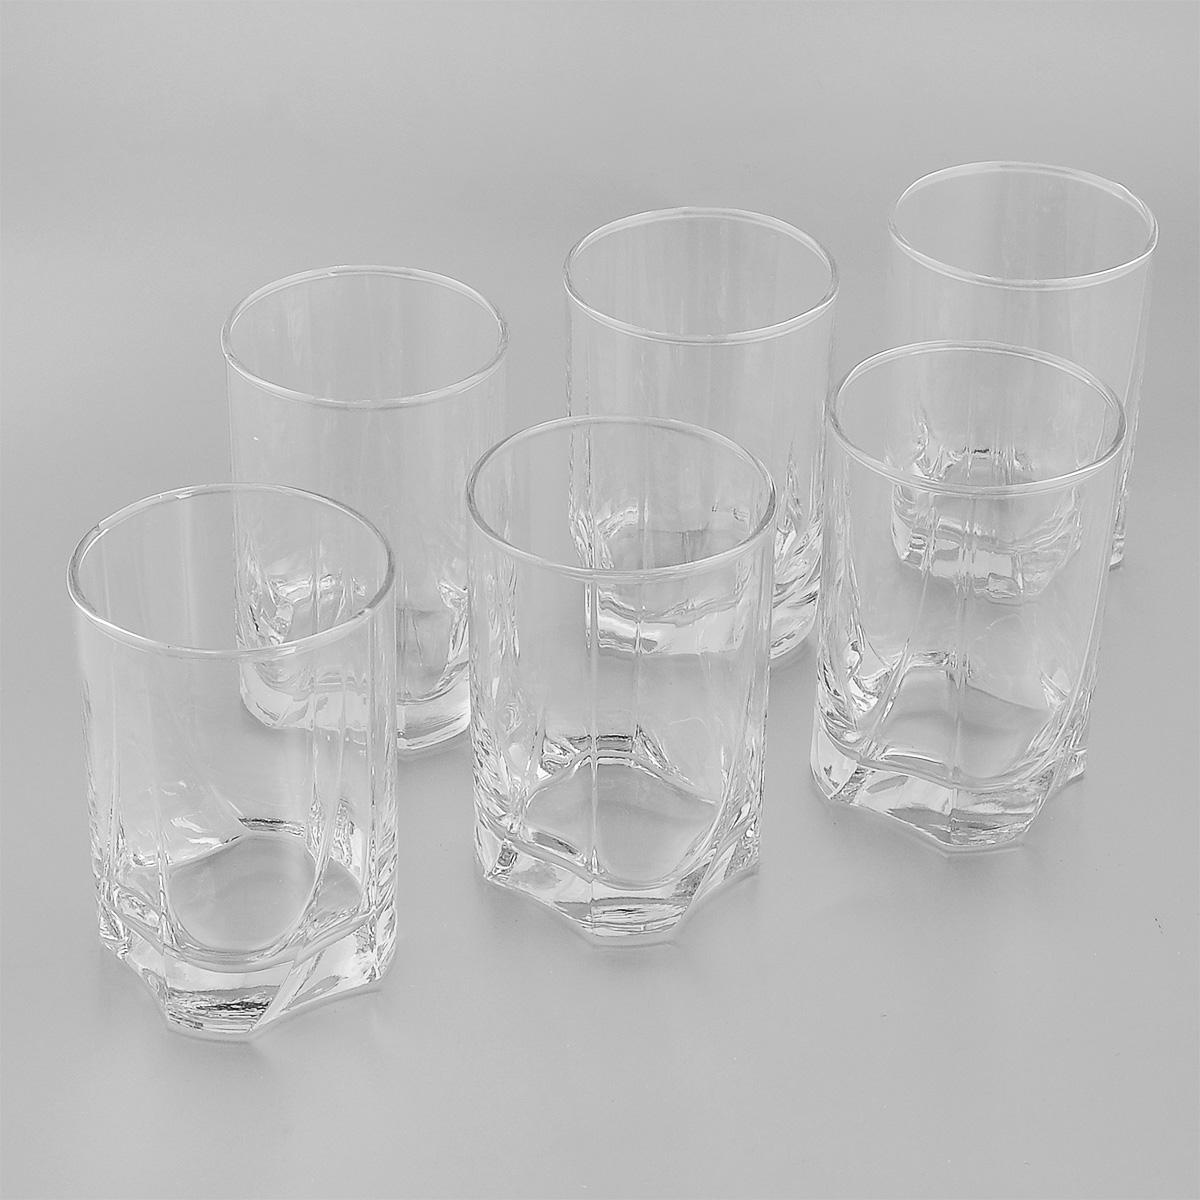 Набор стаканов Pasabahce Luna, 255 мл, 6 штVT-1520(SR)Набор Pasabahce Luna, выполненный из высококачественного натрий-кальций-силикатного стекла, состоит из шести стаканов. Стаканы прекрасно подойдут для компотов, соков и других напитков. Их оценят как любители классики, так и те, кто предпочитает современный дизайн. Можно использовать в морозильной камере и микроволновой печи. Можно мыть в посудомоечной машине. Диаметр стакана (по верхнему краю): 6,5 см. Высота стакана: 10 см.